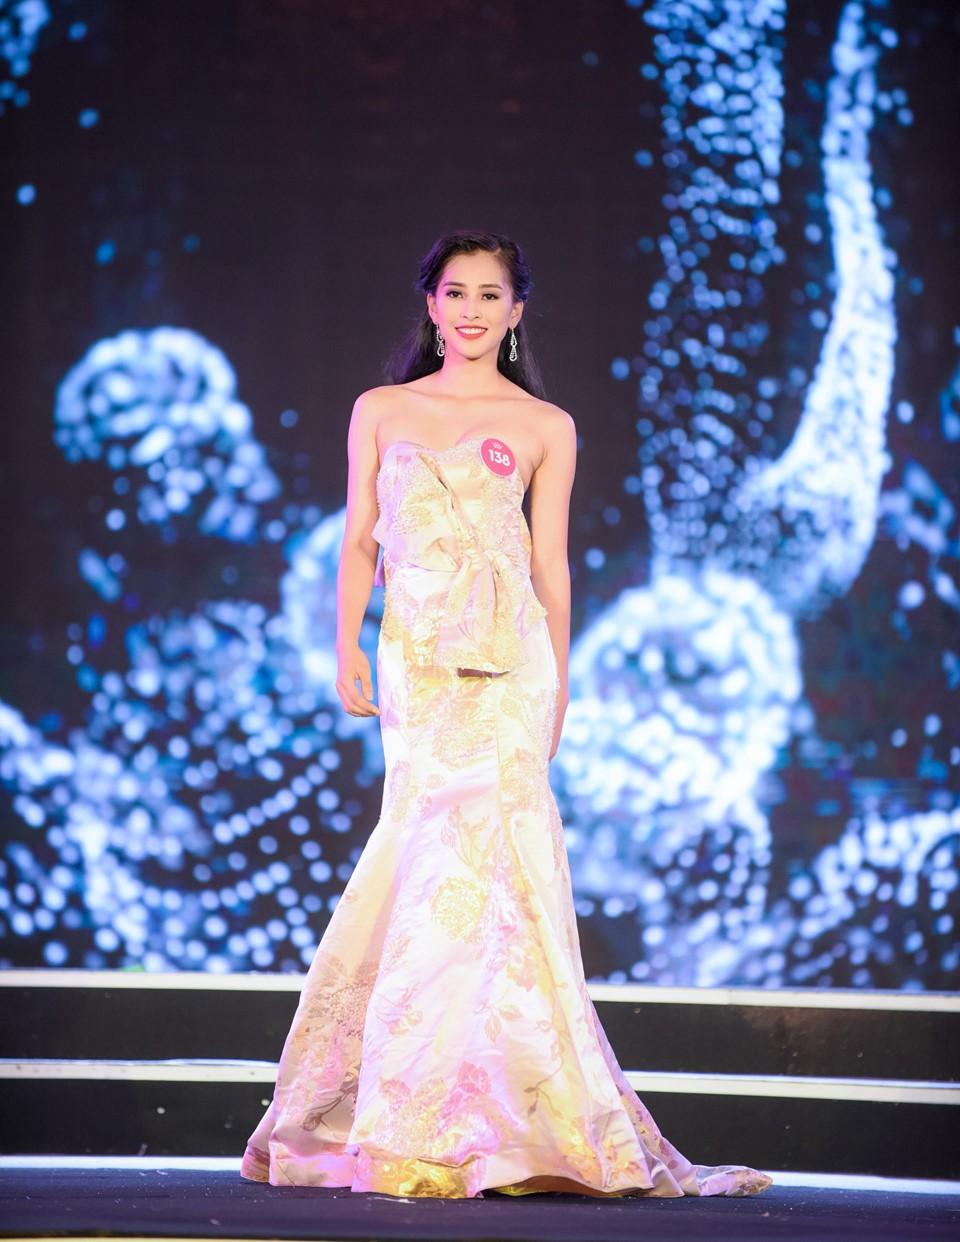 Hành trình đến vương miện của tân Hoa hậu Trần Tiểu Vy ảnh 7